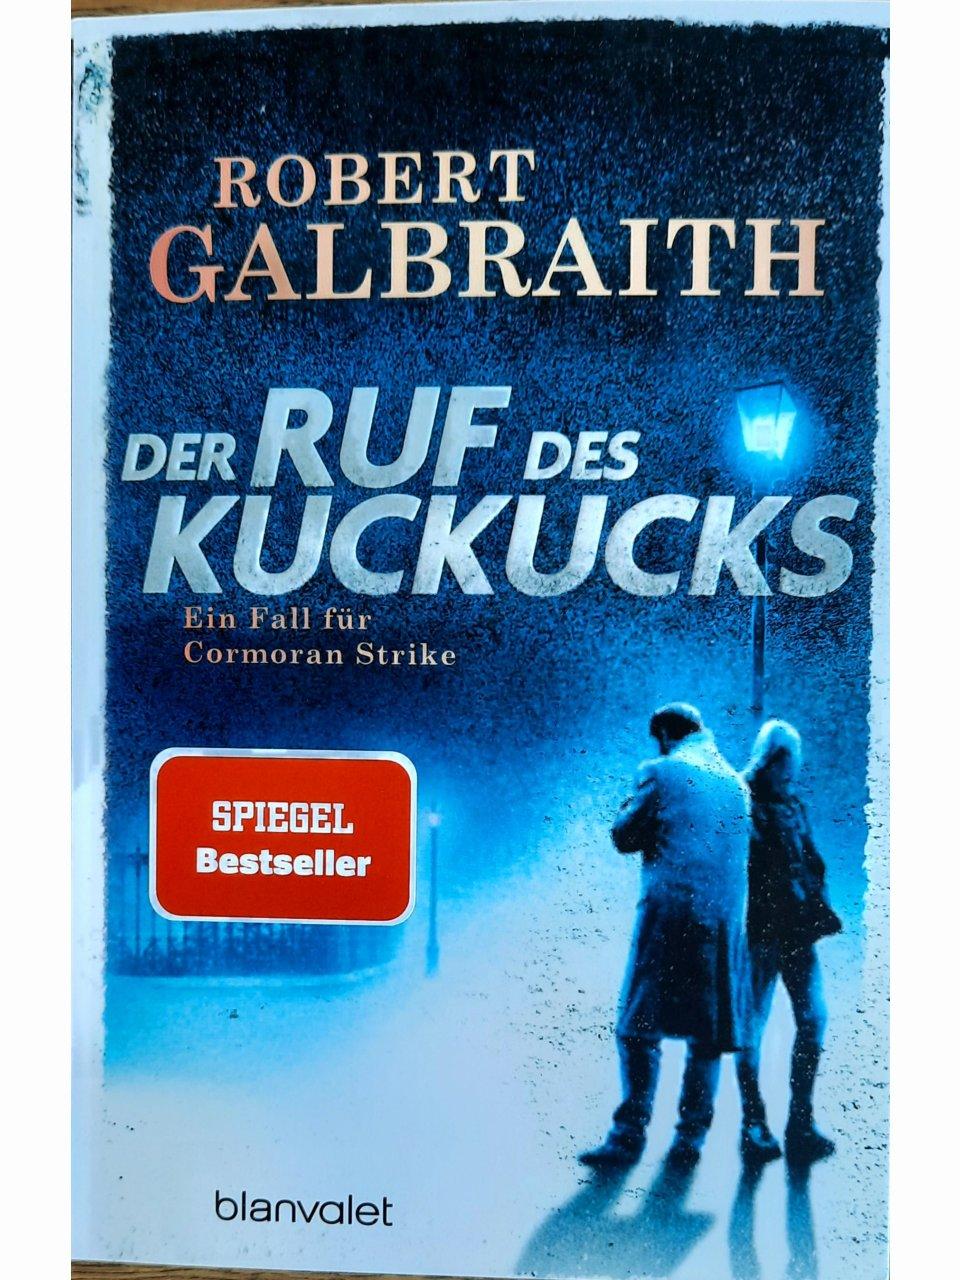 Der Ruf des Kuckucks - Bd 1